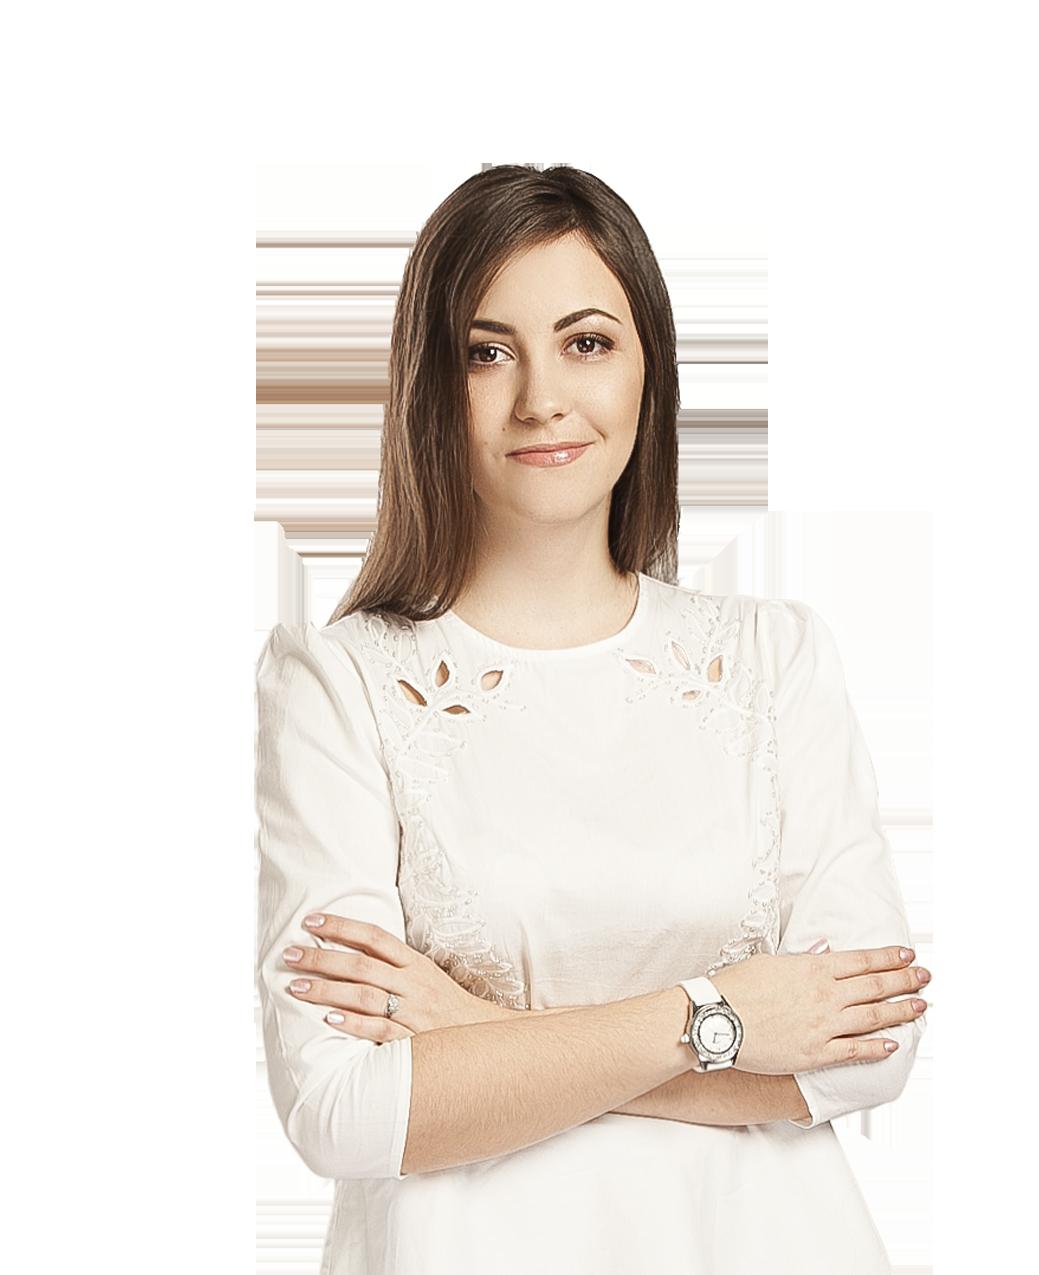 Snizhanna Savka